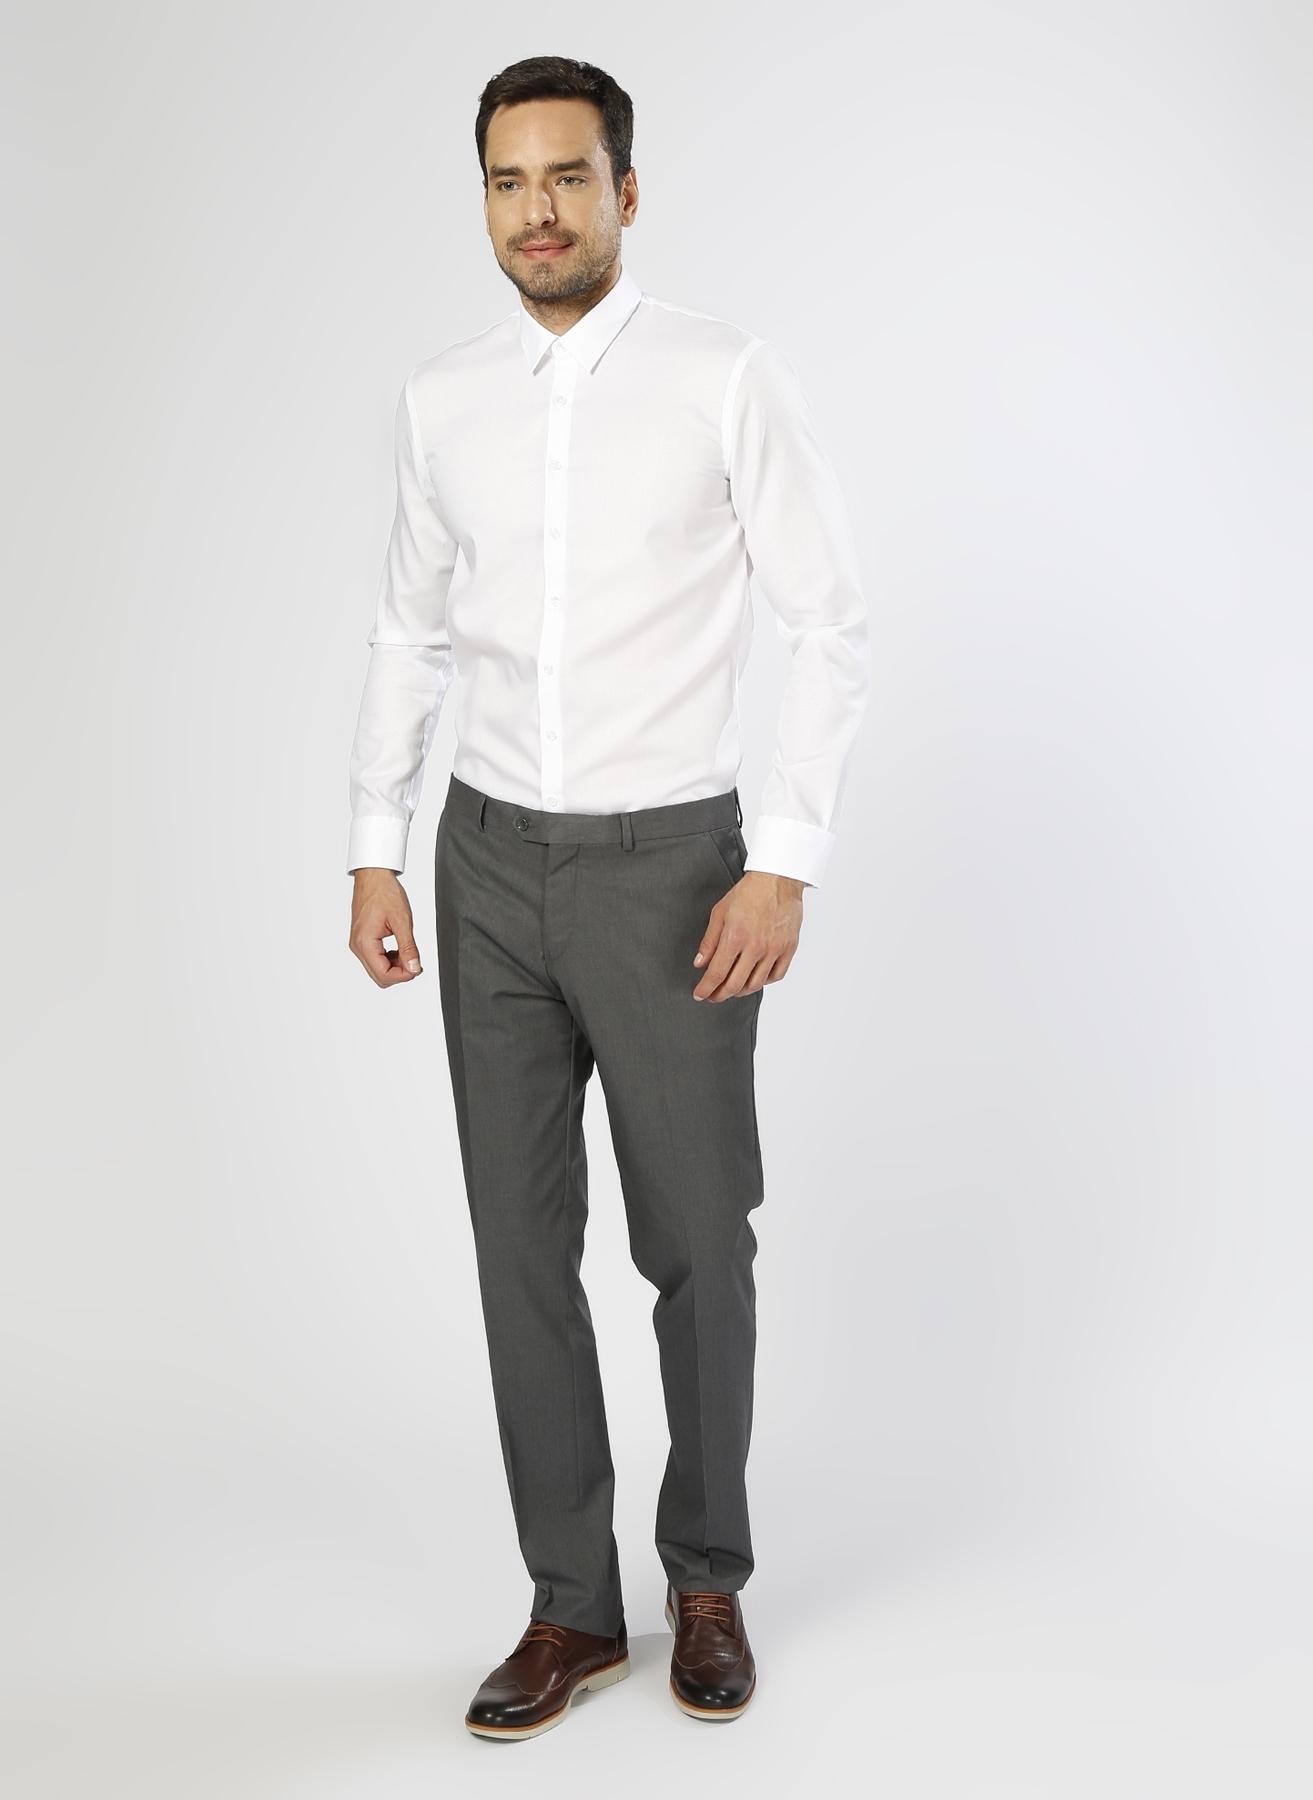 Cotton Bar Kumaş Antrasit Klasik Pantolon 48 5000185814002 Ürün Resmi